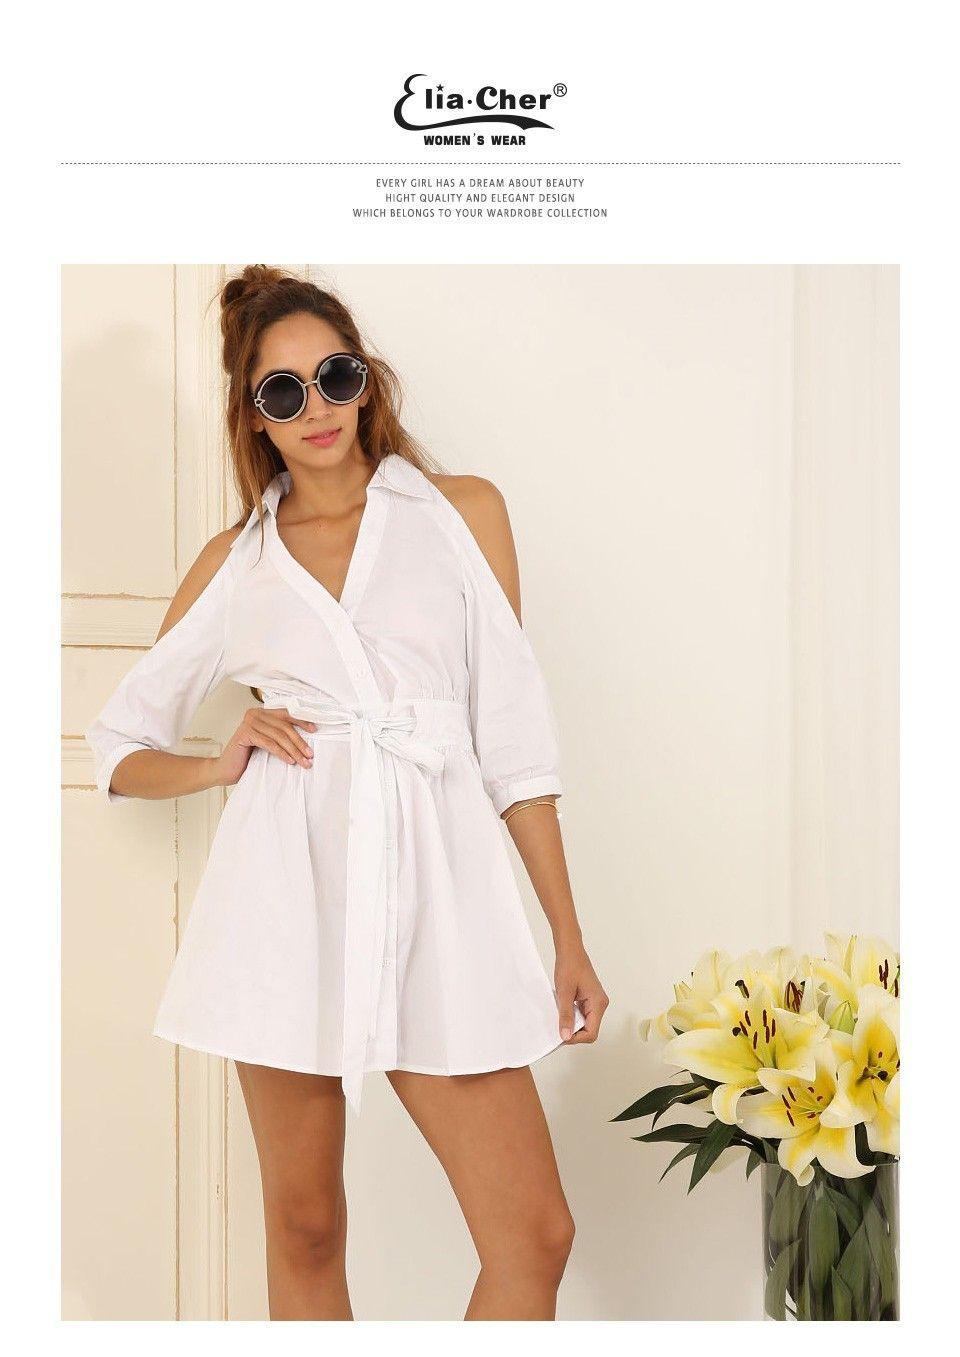 Aliexpress.com  Acheter Robe d été 2016 Femmes Chemise Blanche Robe Elia  cher Marque Plus La Taille de Causalité Femmes Vêtements Chic Femmes  Élégantes ... bfacd5ab1f0